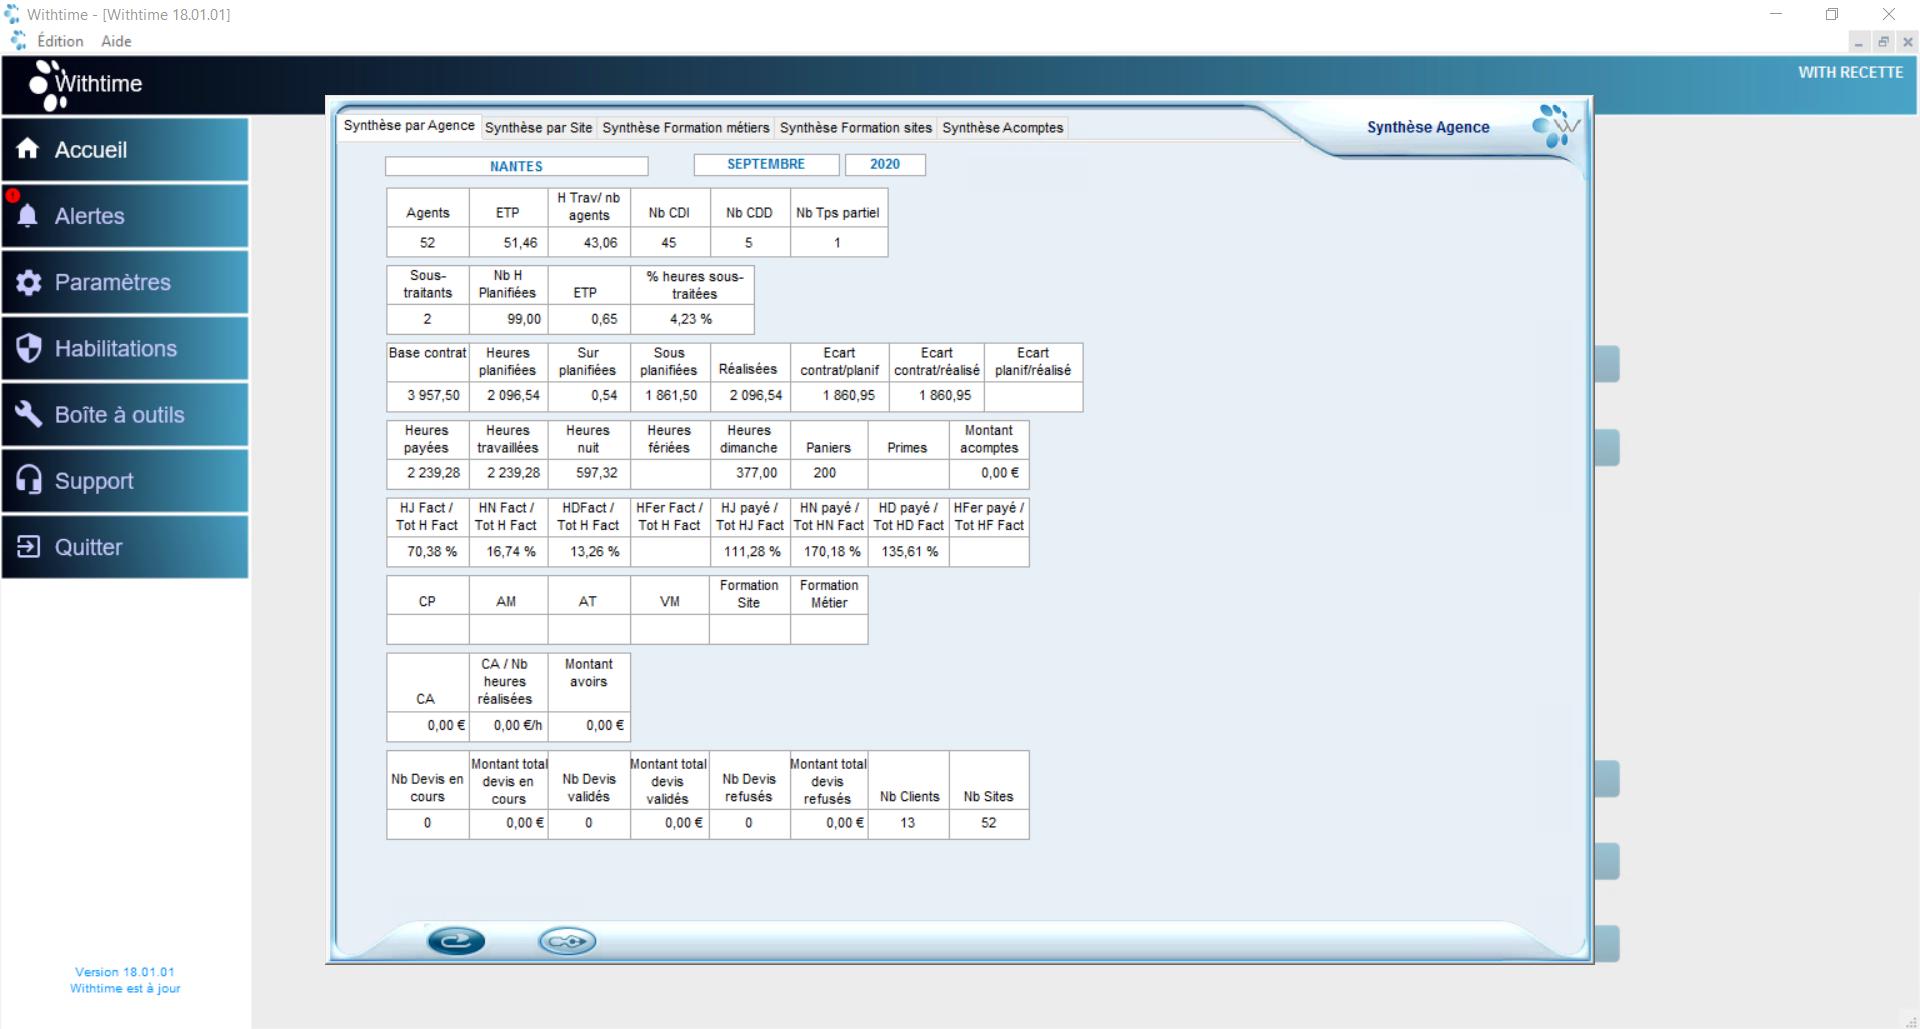 Capture d'écran du Module Analyse sur le logiciel Withtime Sécurité